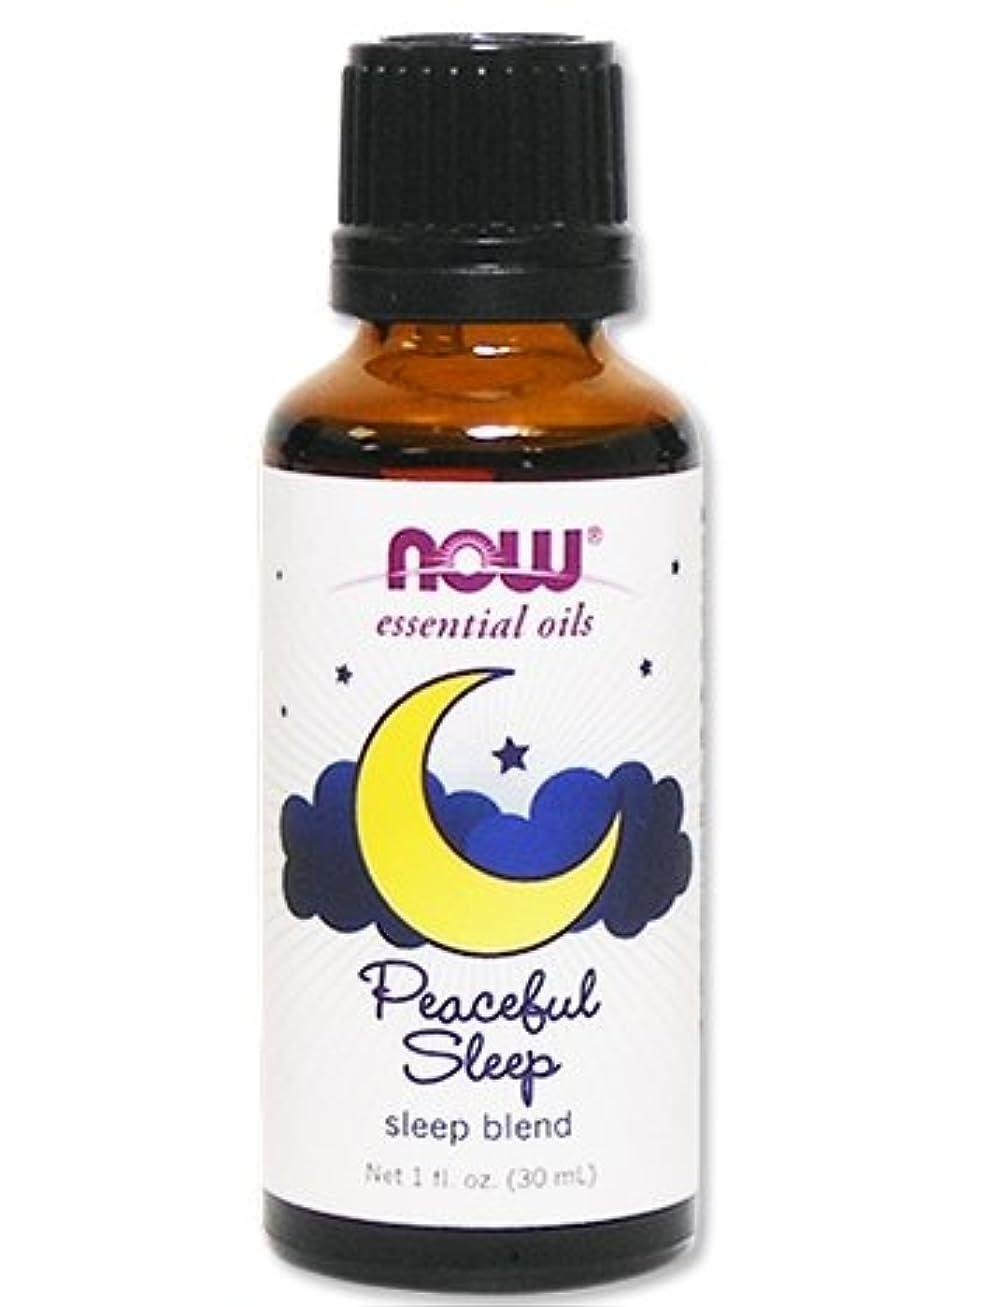 アセビルダー本当のことを言うとNow Foods Peaceful Sleep Oil Blend 1 OZ 1oz [並行輸入品]